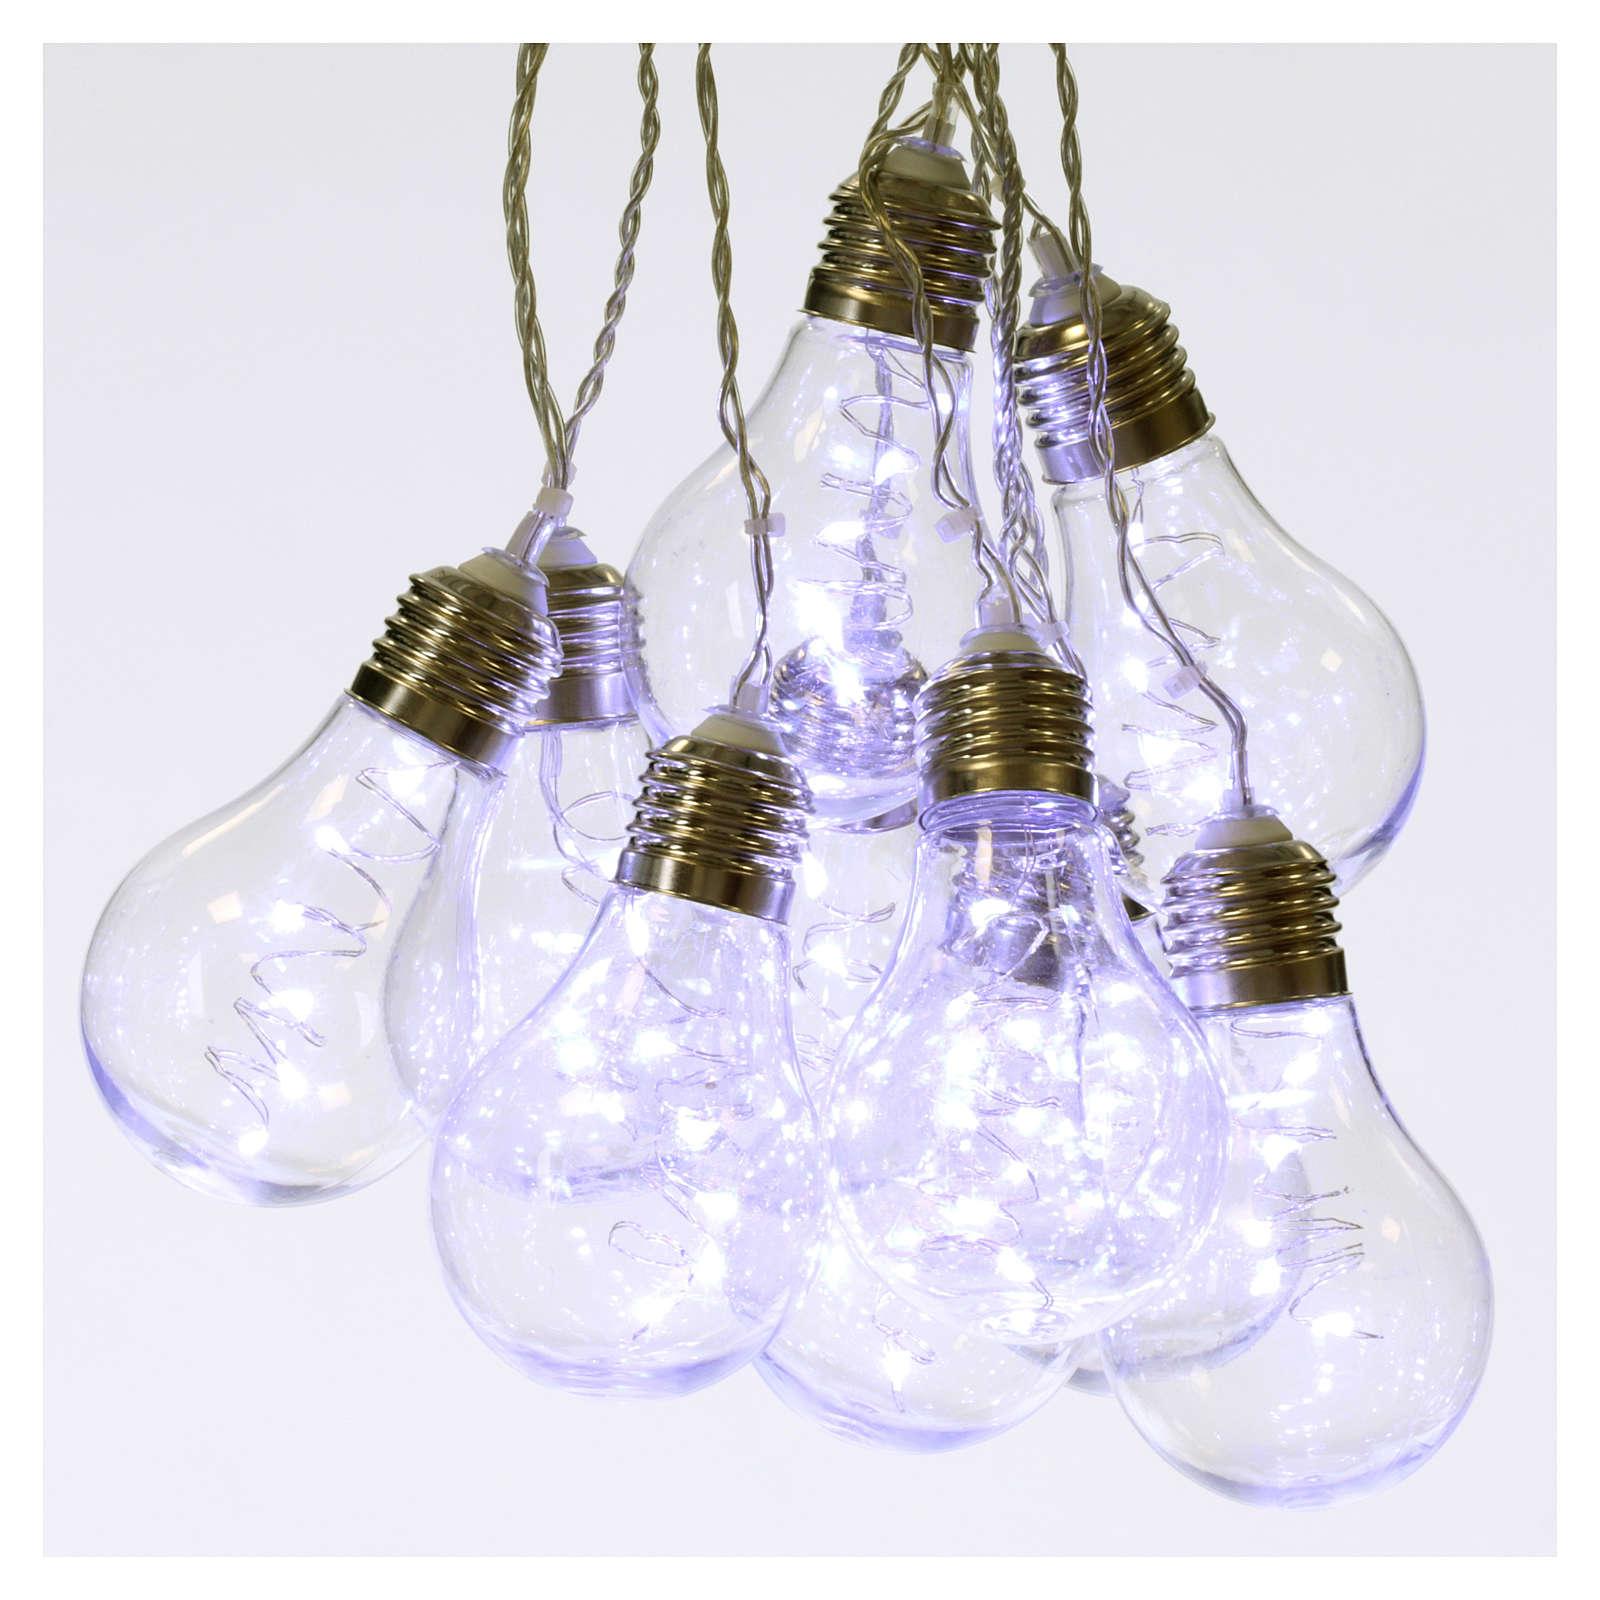 Rideau lumineux 10 ampoules 60 nano led glace intérieur extérieur 3